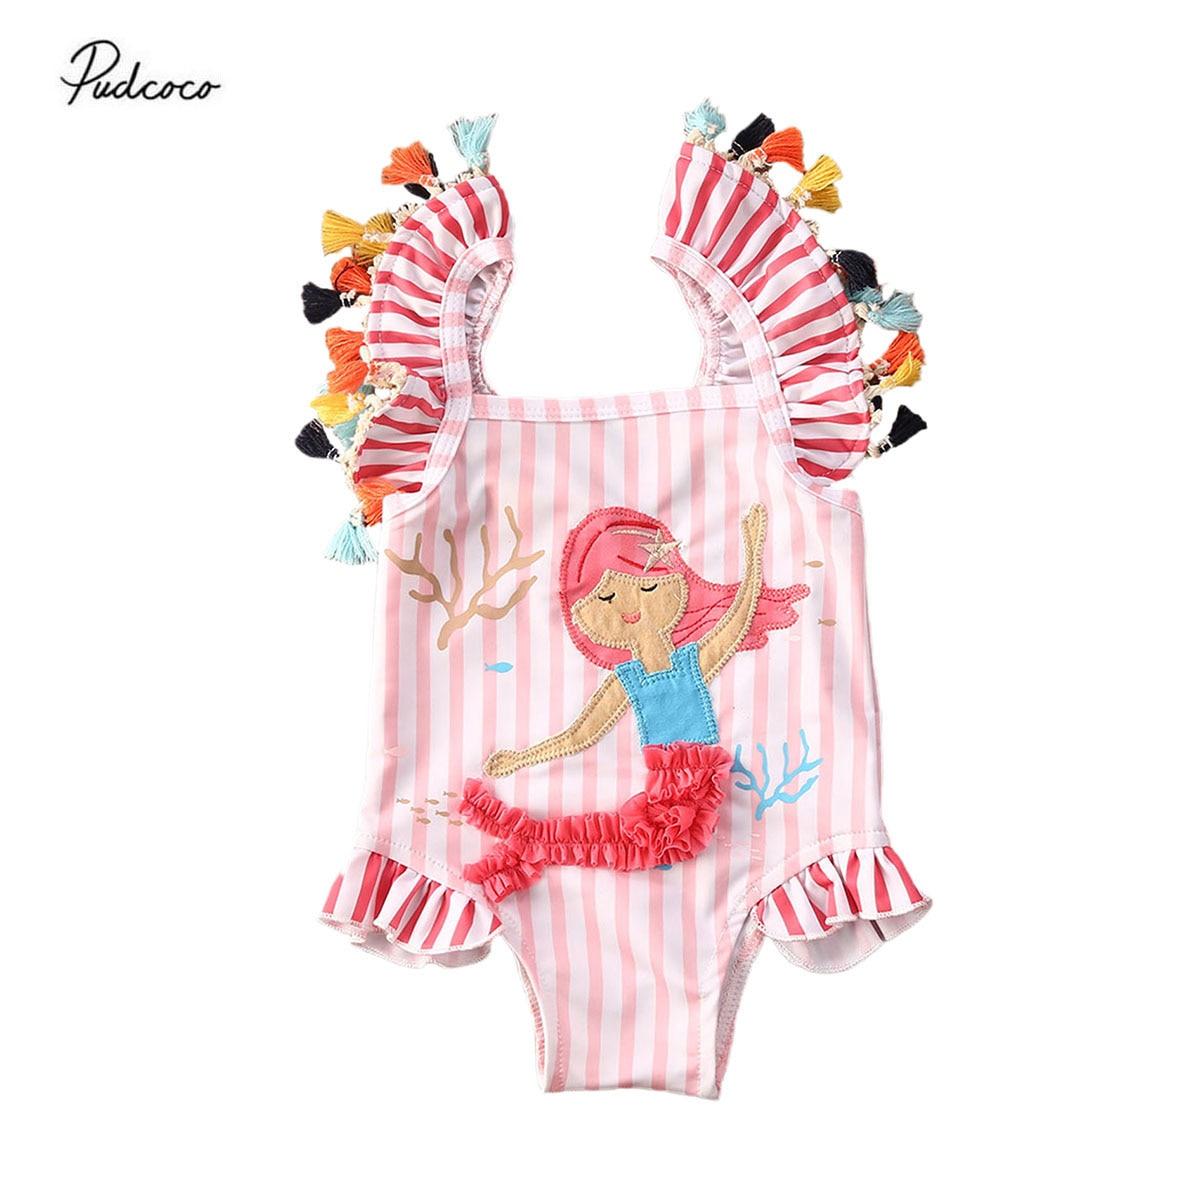 Bonito traje de baño 3D de sirena para niñas. Traje de baño de una pieza. Bonito traje de baño para playa.